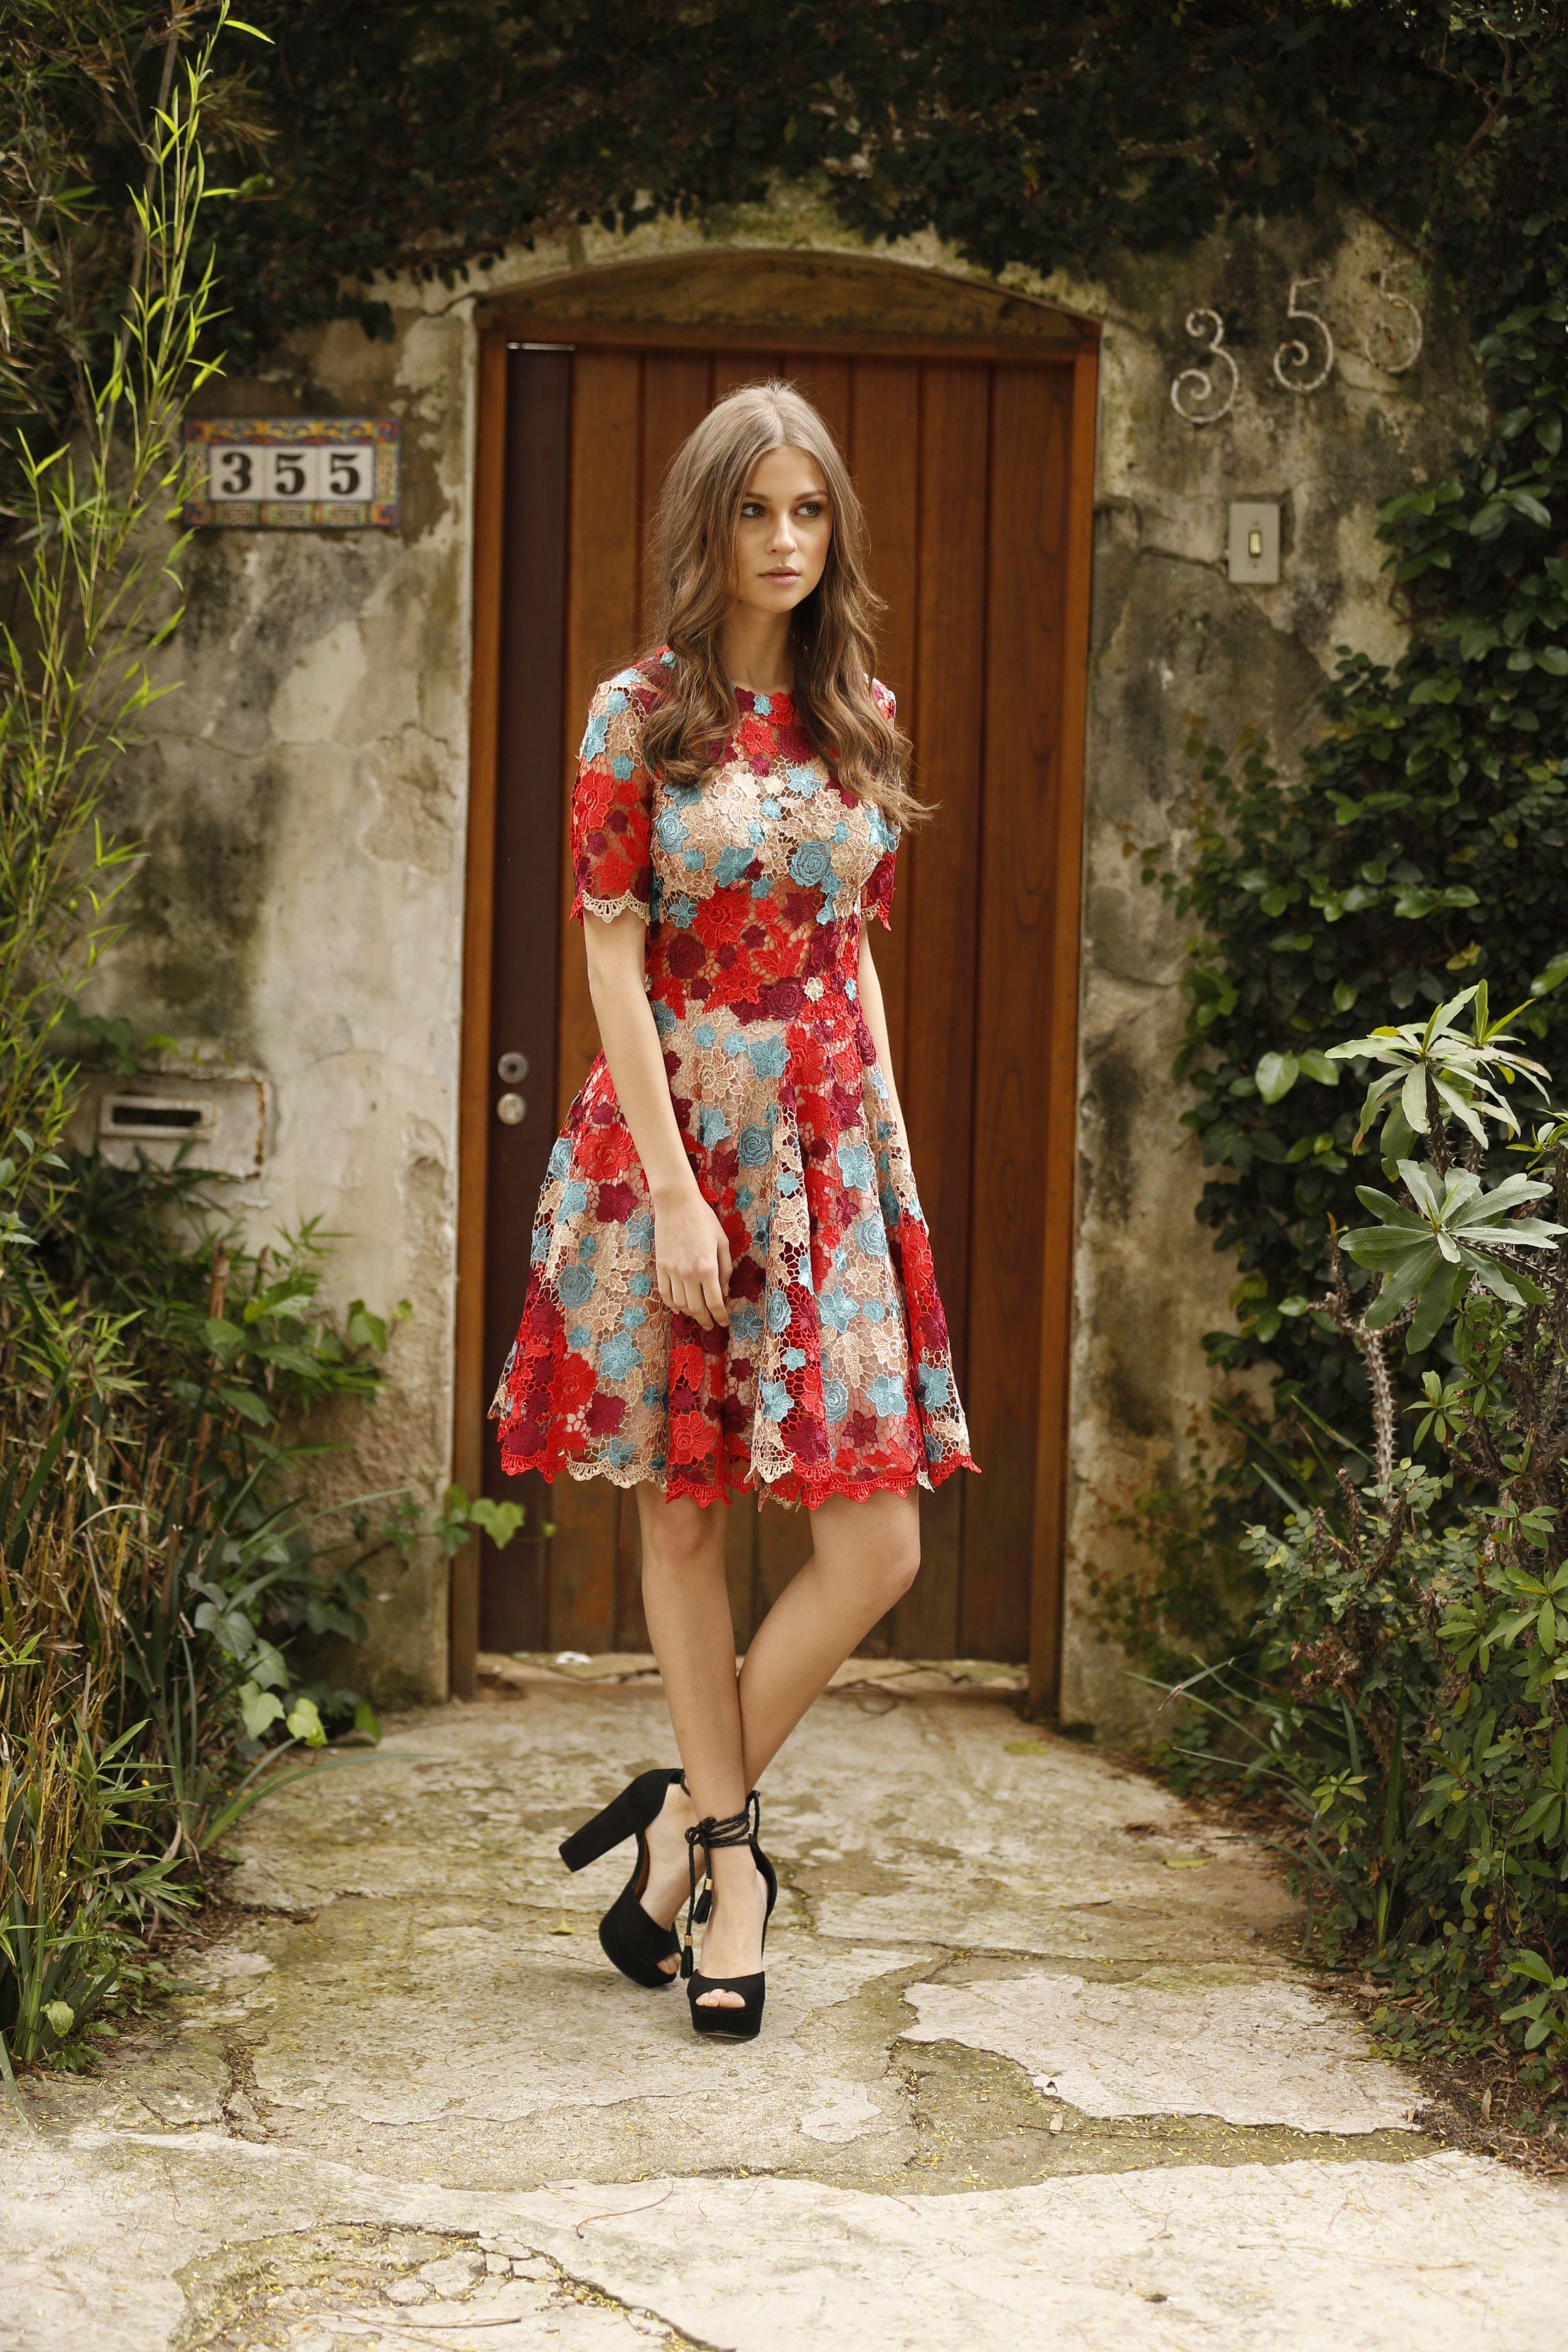 9d7f2e417 vestido de festa curto manga curta todo em renda vermelho nude cor de rosa  azul claro